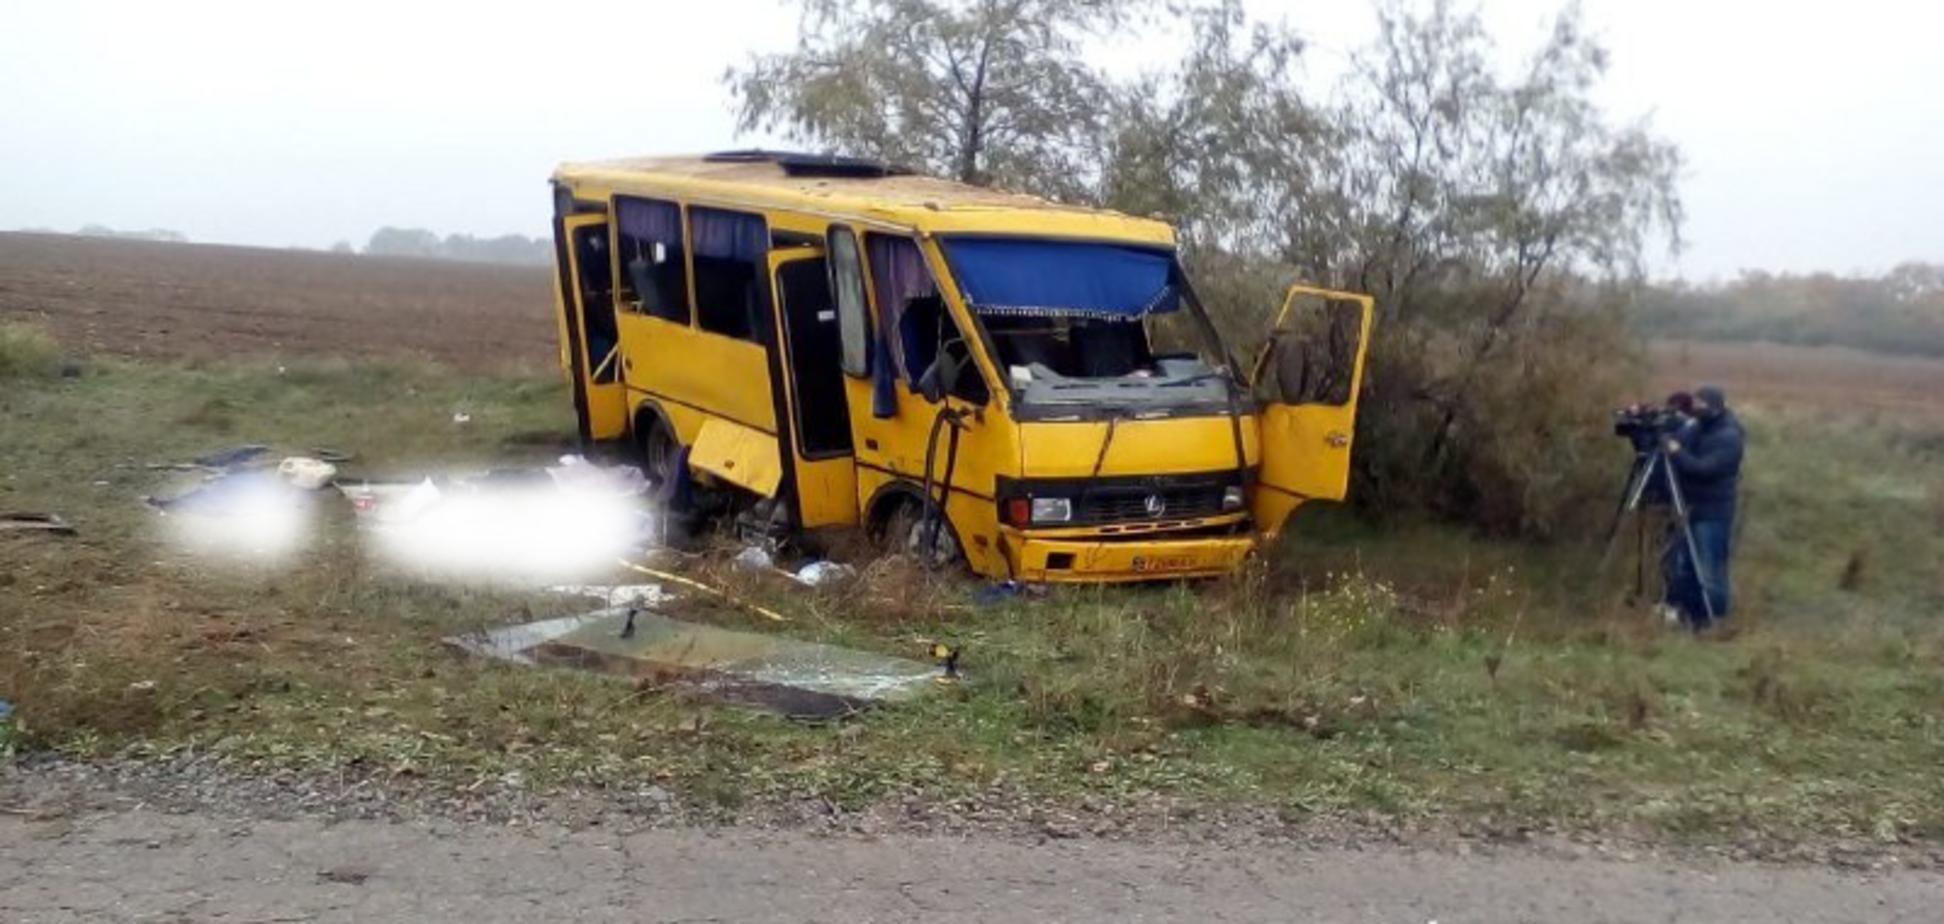 Полиция обнародовала видео с места смертельного ДТП на Херсонщине